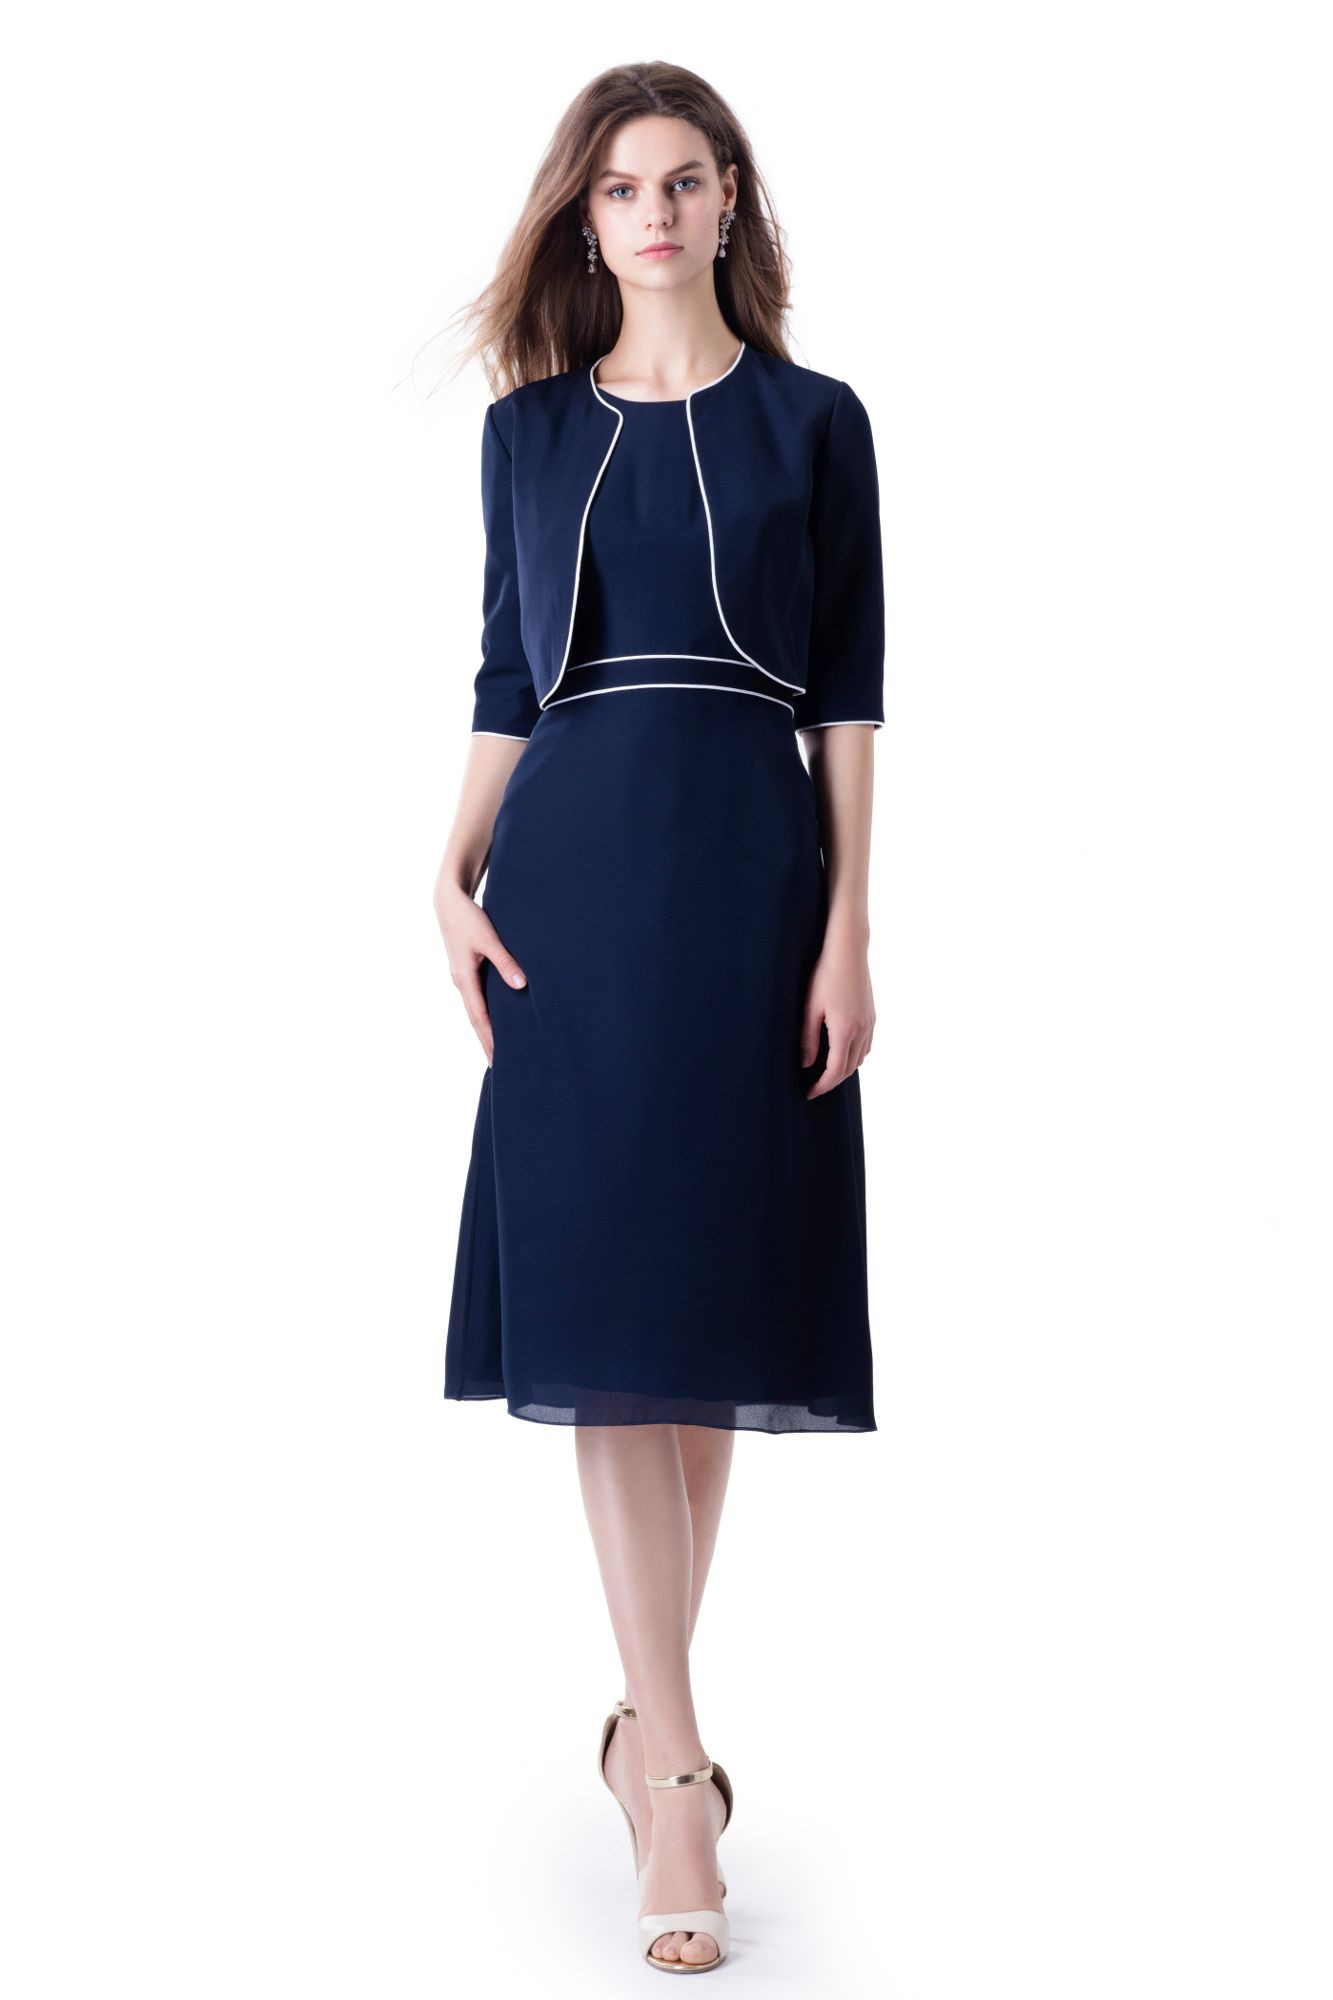 20 Kreativ Jacke Zum Abendkleid für 201917 Genial Jacke Zum Abendkleid Stylish